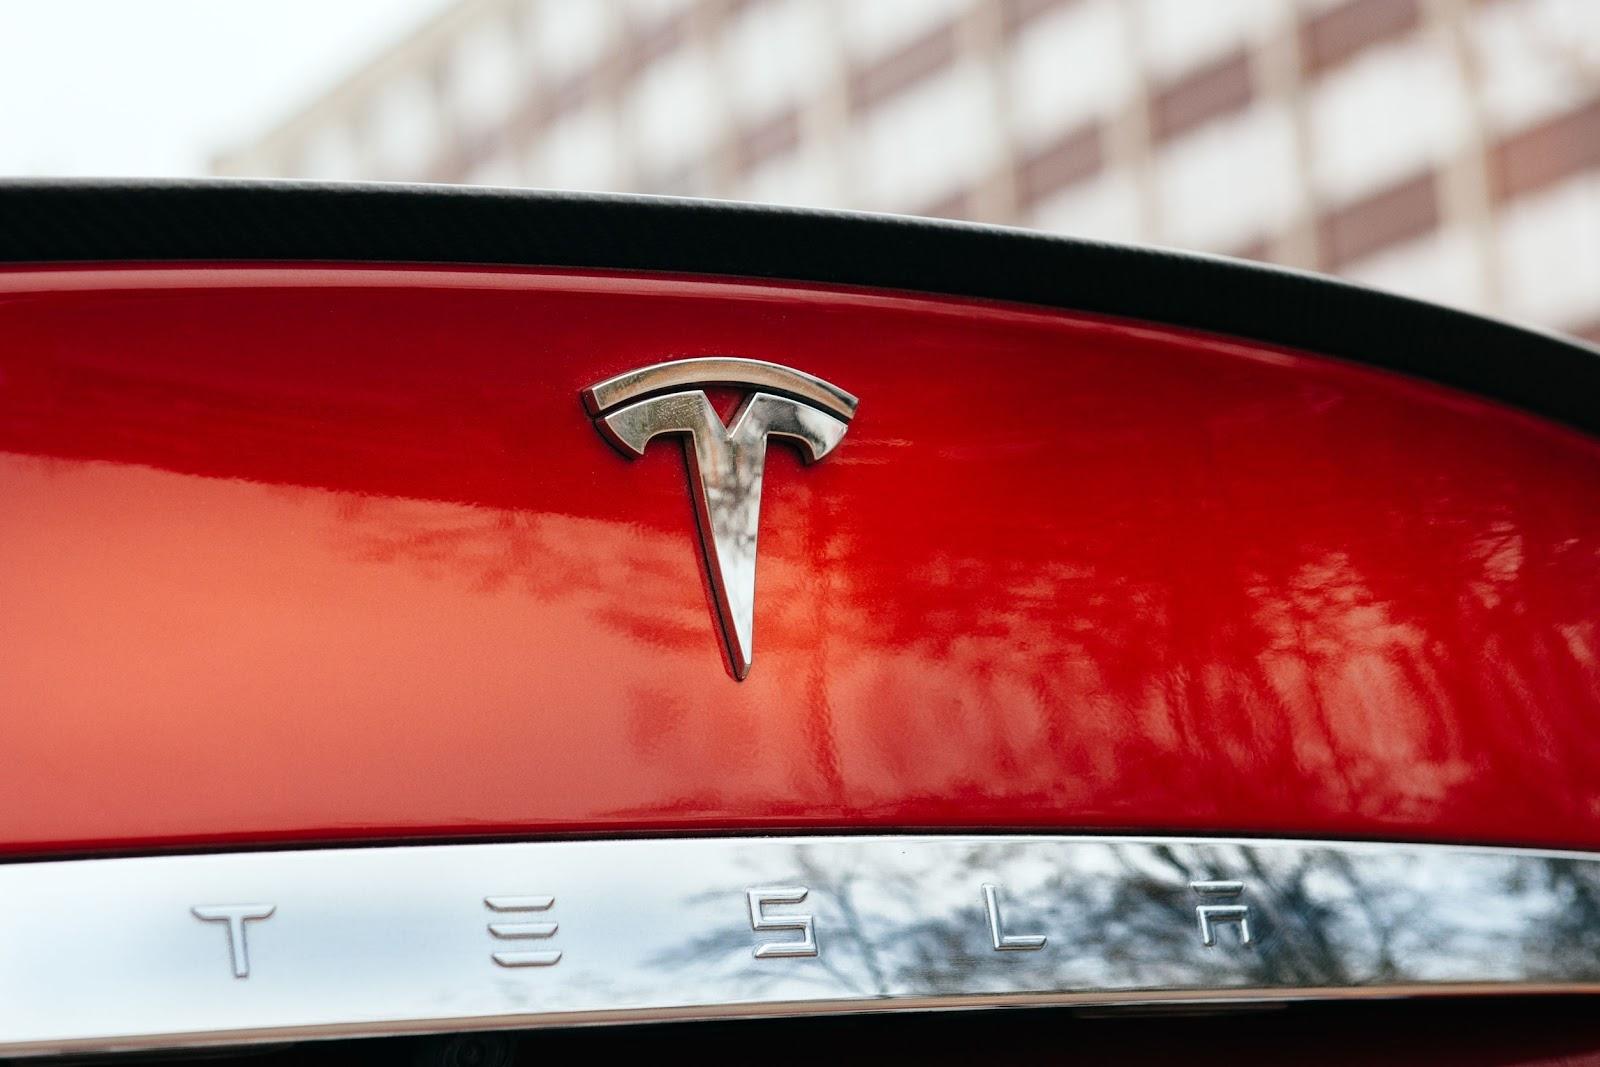 Seat Backs Cause Tesla to Recall 2,700 Vehicles